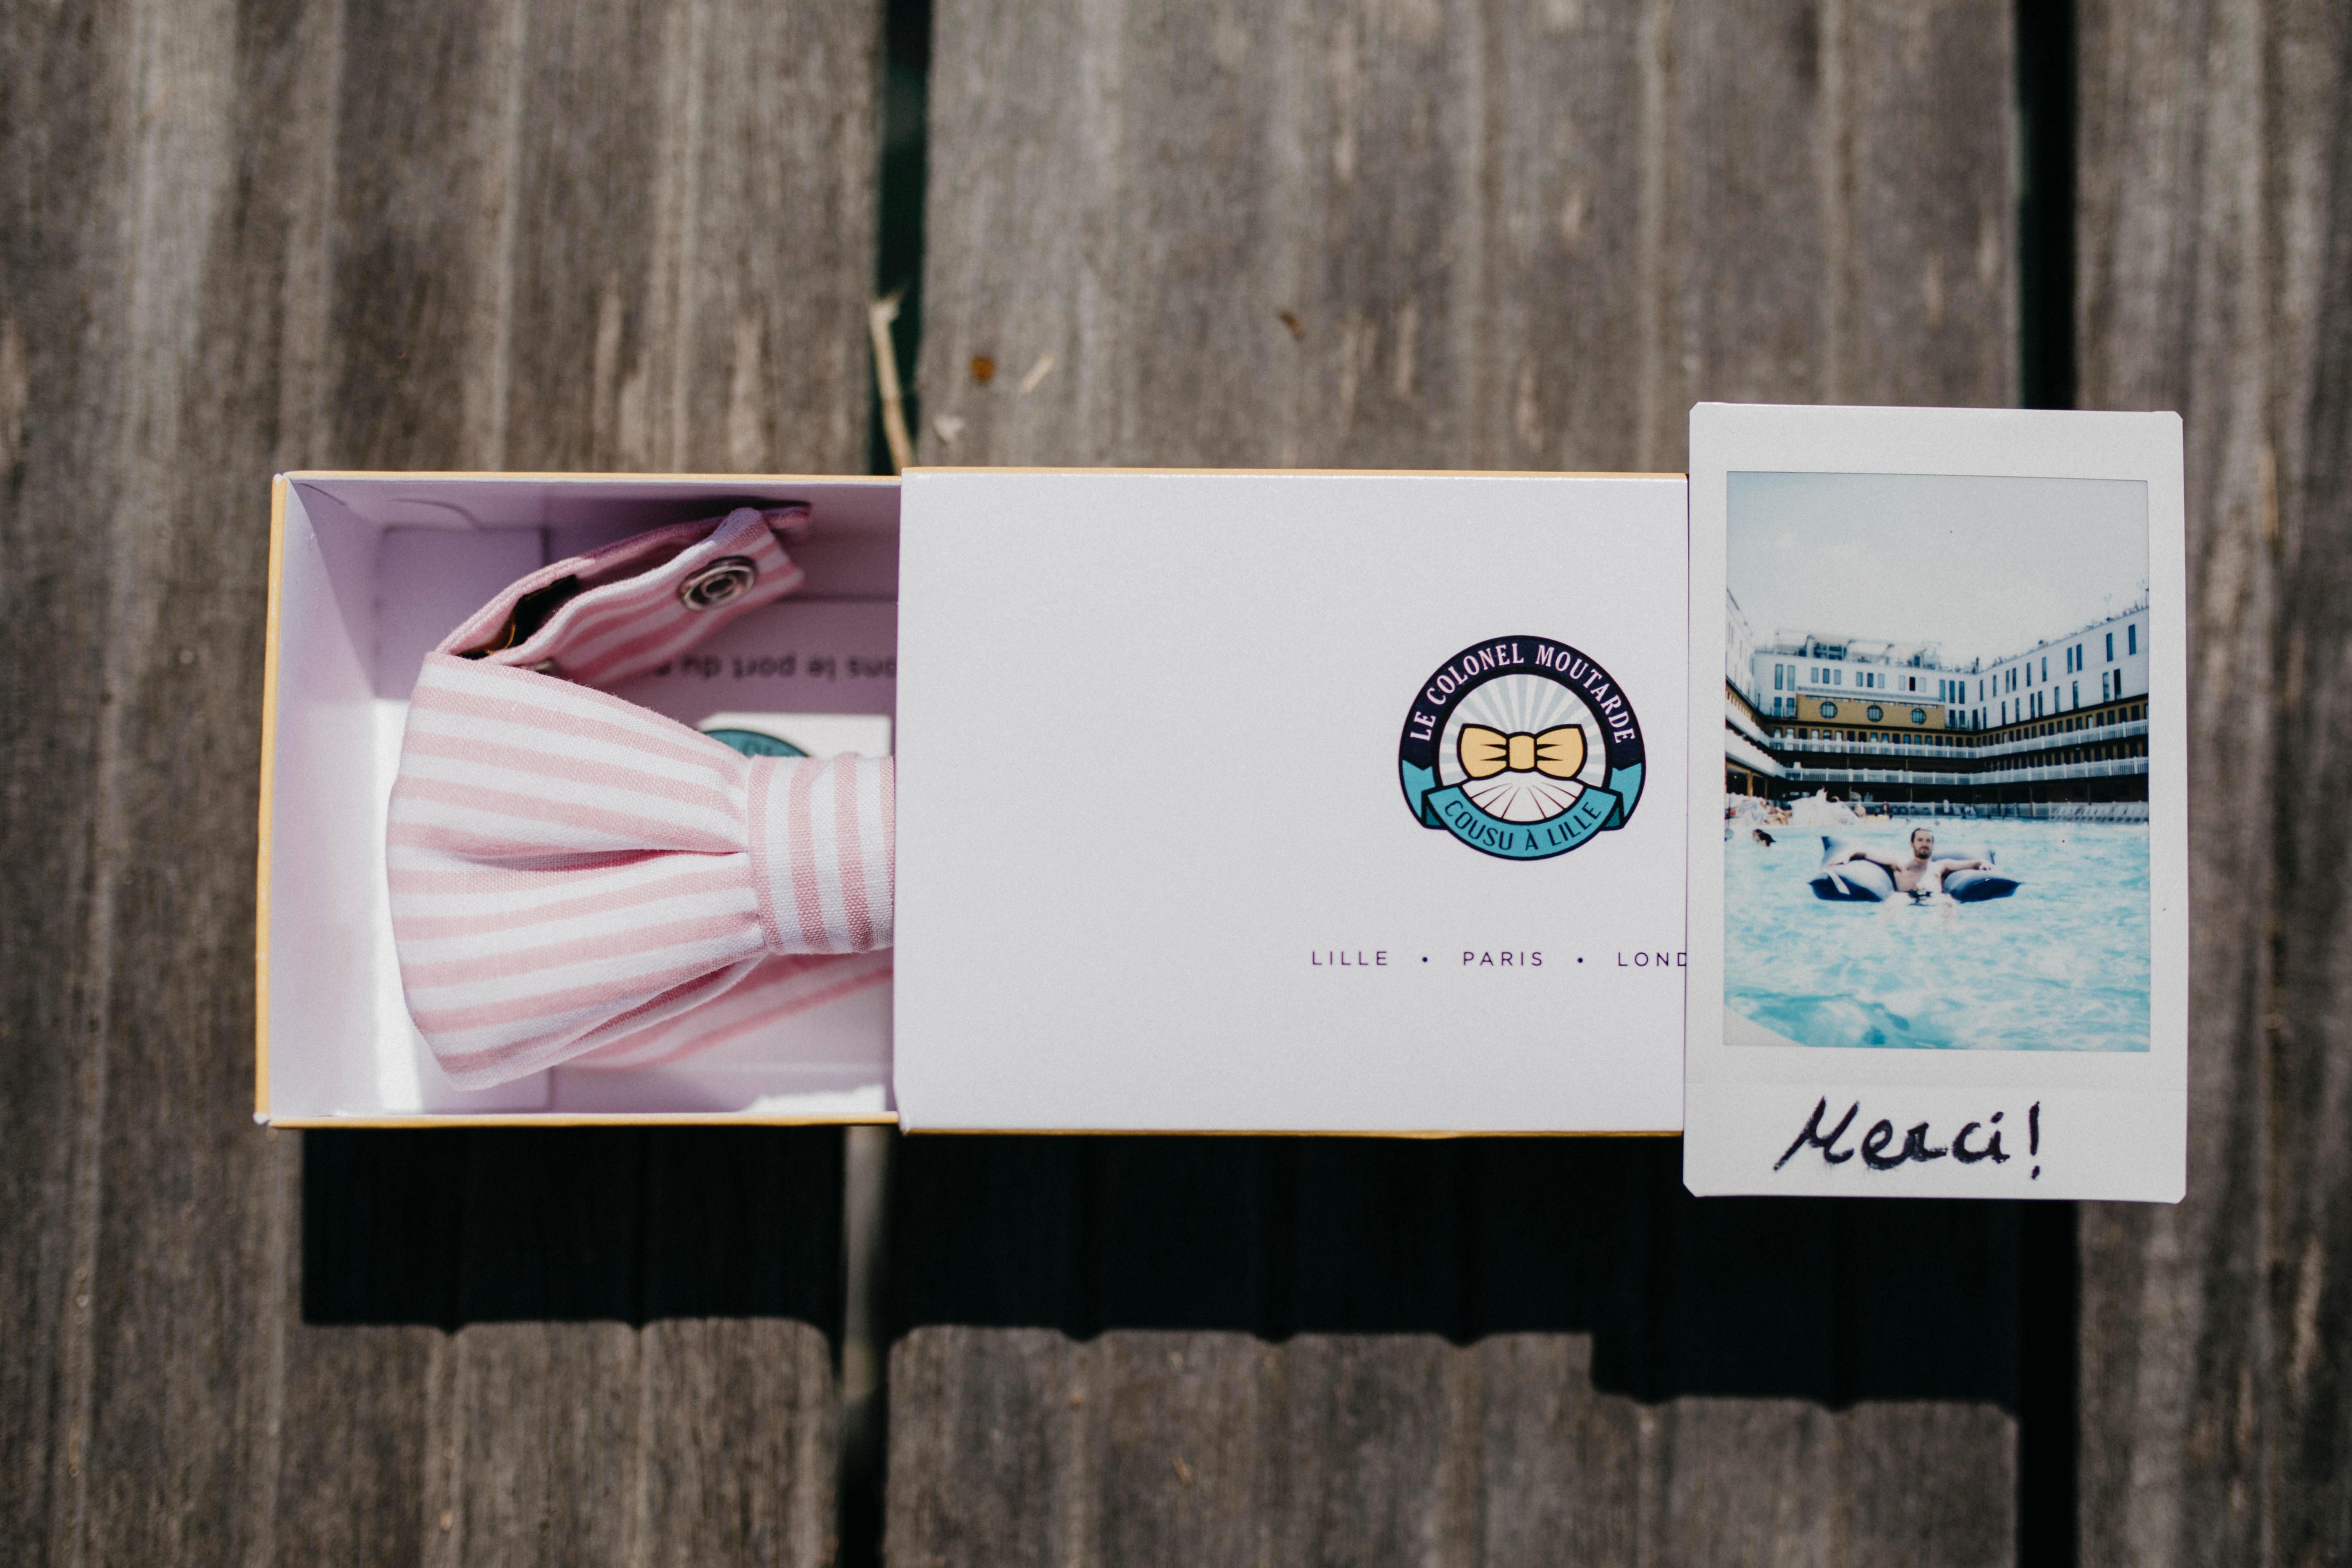 Custom Branded Packaging for Apparel